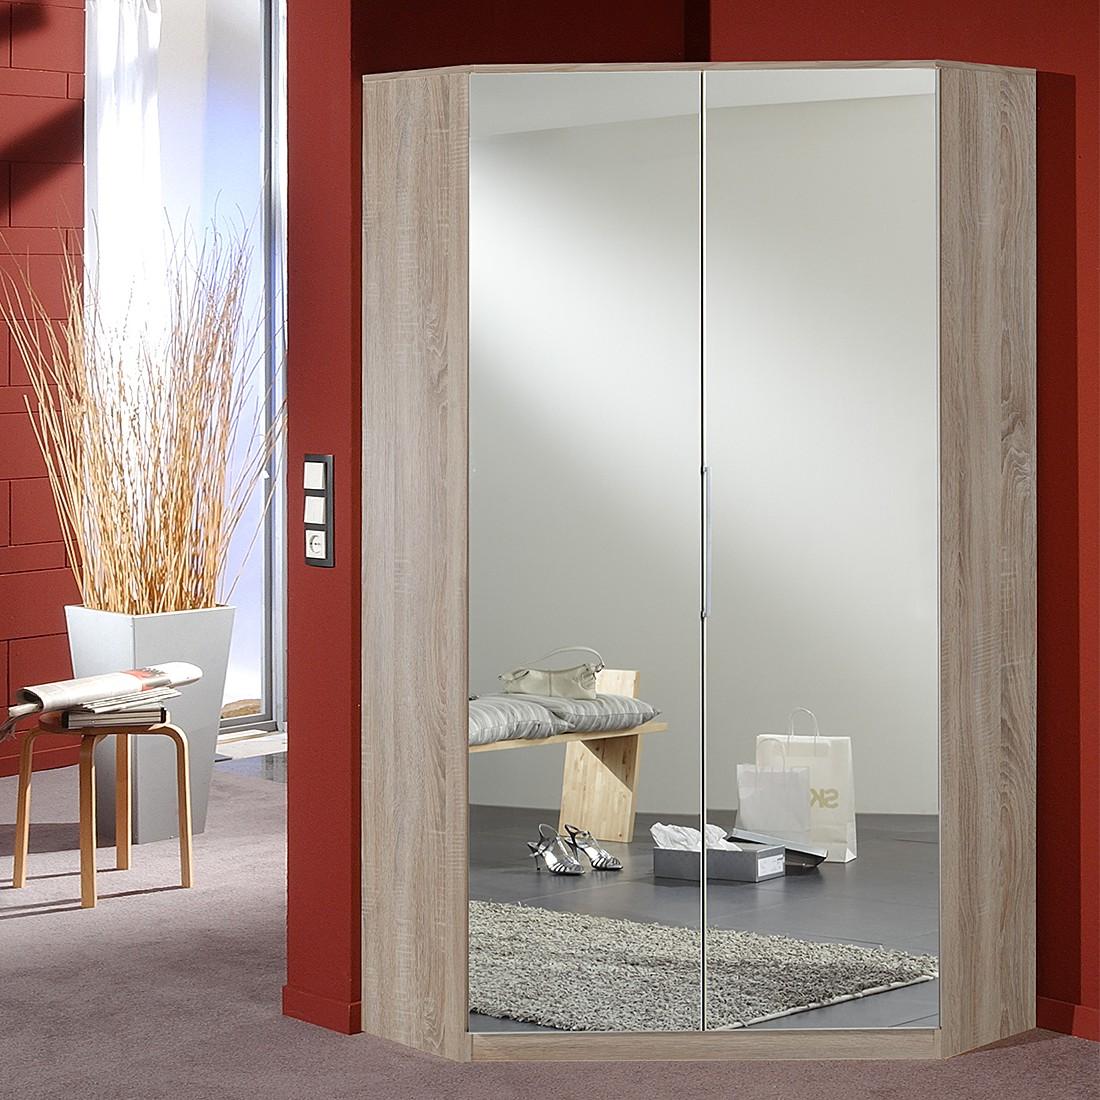 Eckkleiderschrank mit spiegel  Jetzt bei Home24: Drehtürenschrank von Wimex | home24